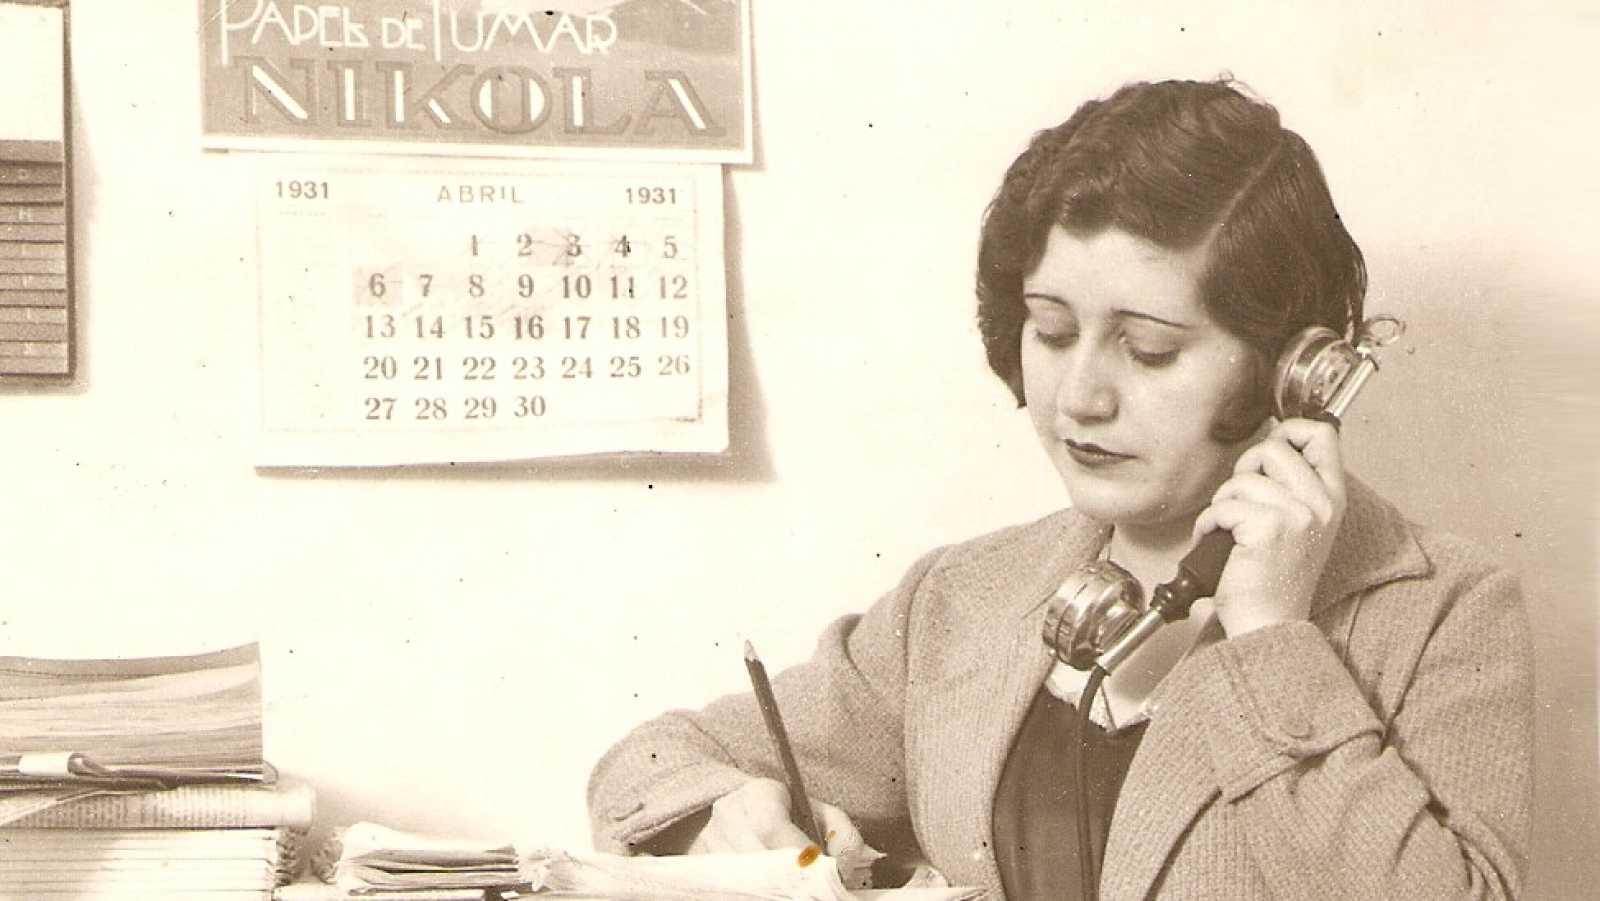 Punto de enlace - Josefina Carabias, primera mujer que ejerció el periodismo político